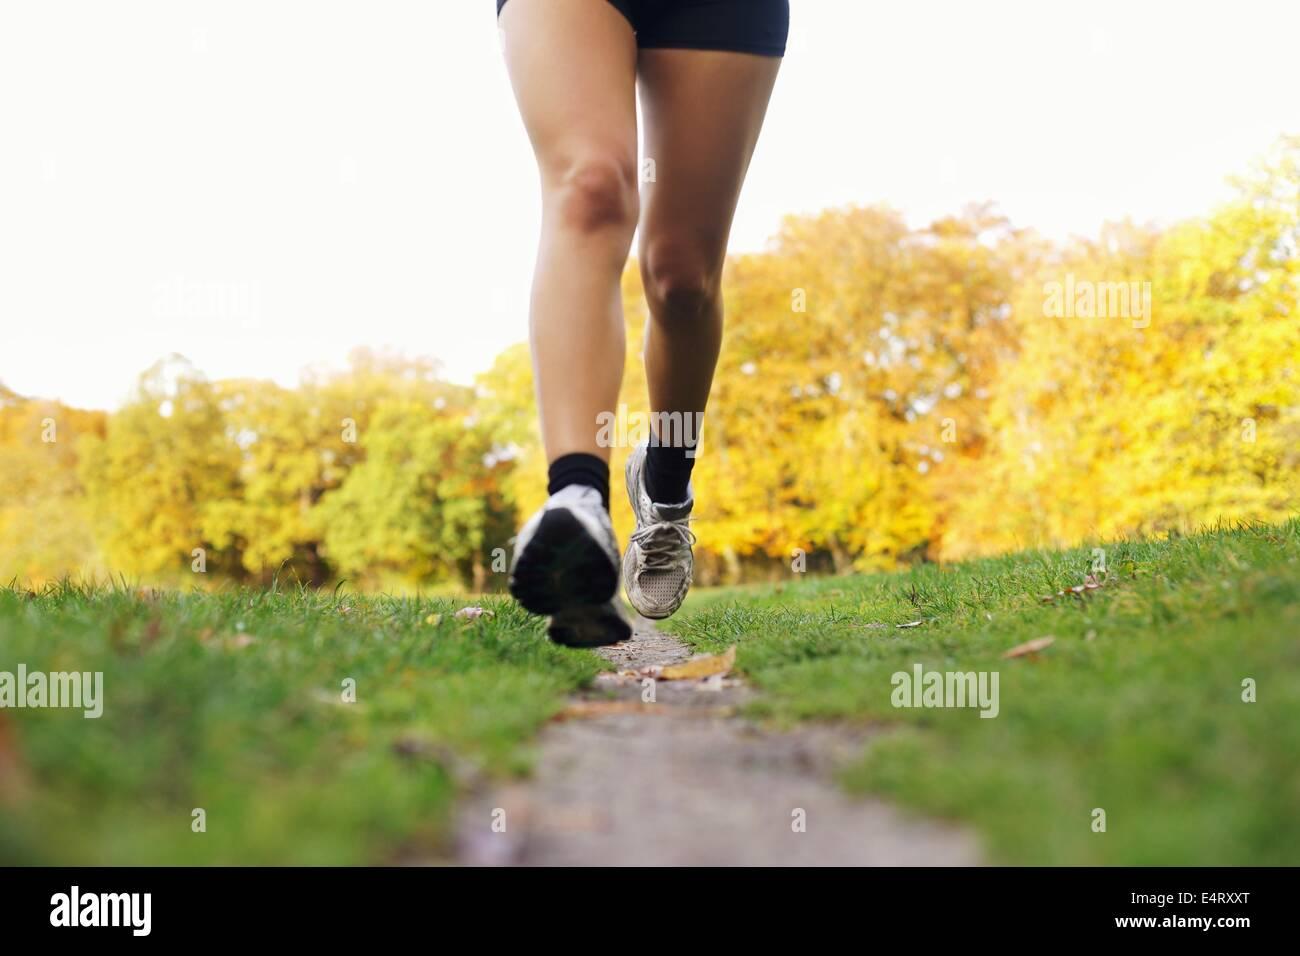 Close-up di piedi di un runner acceso nel parco. La formazione della donna per il fitness. Gambe femmina a fare Immagini Stock